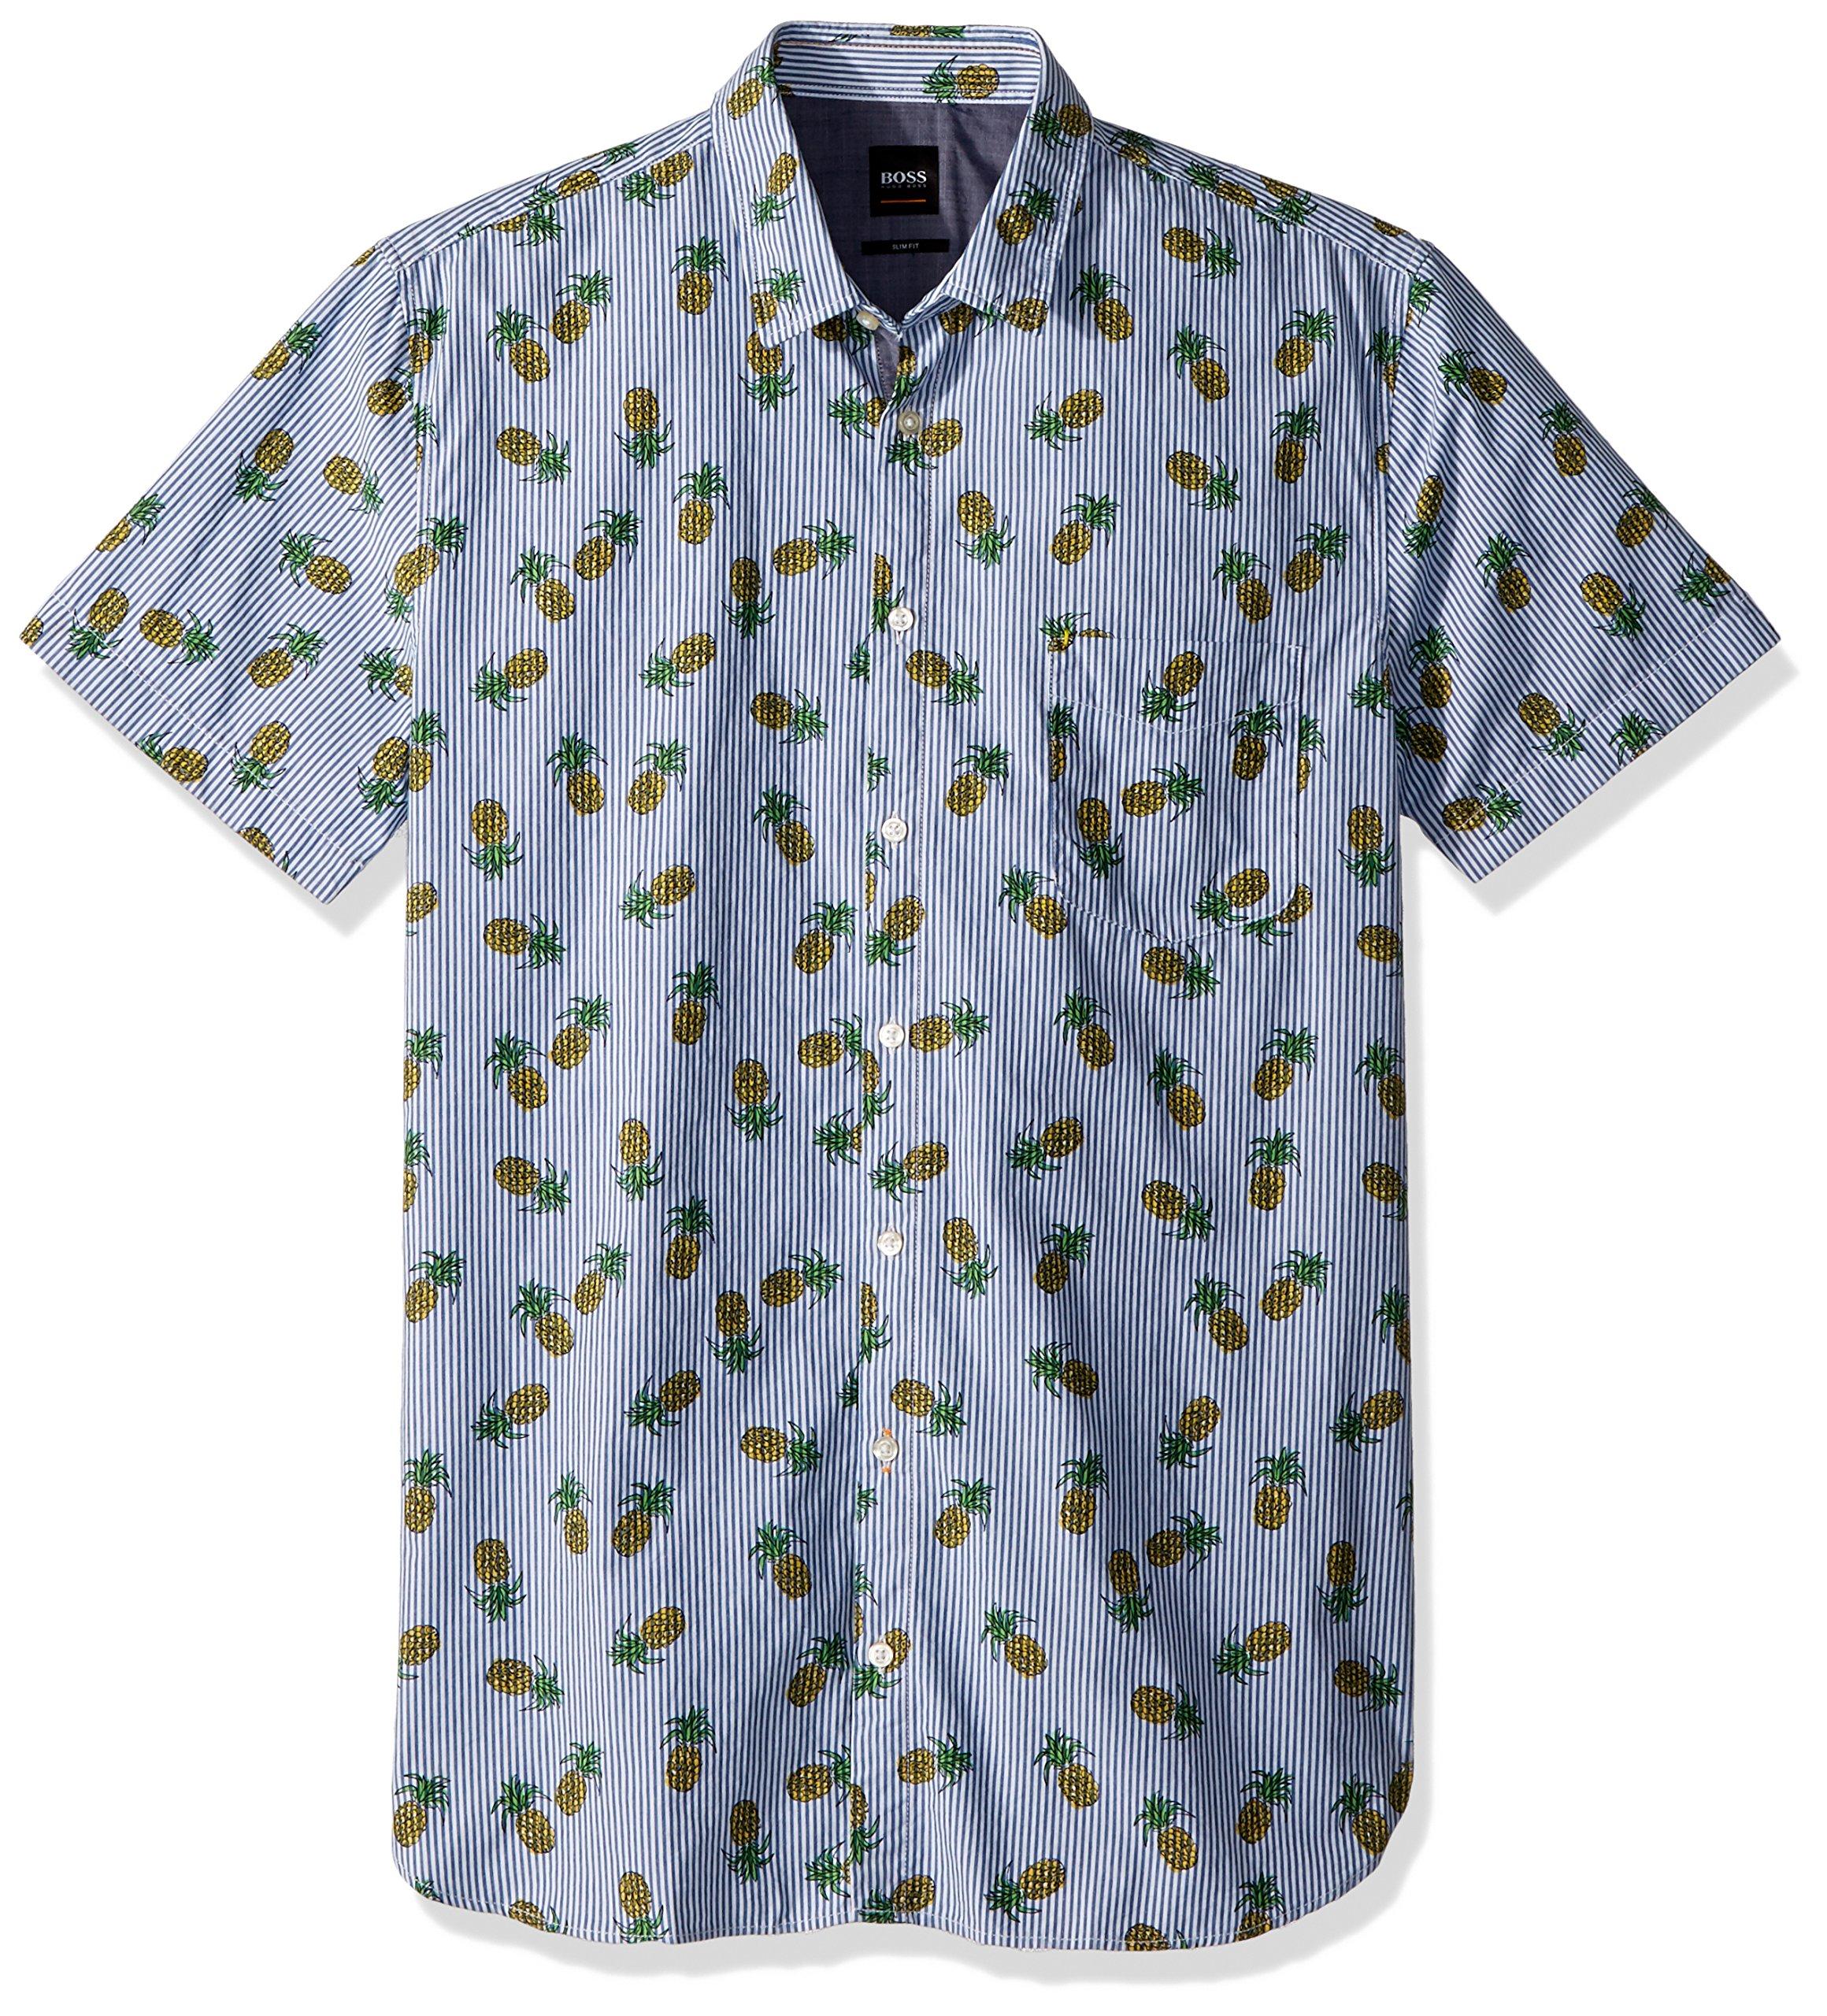 Hugo Boss Boss Orange Men's Short Sleeve Stripe Shirt with Pineapple Design, Blue, XXL